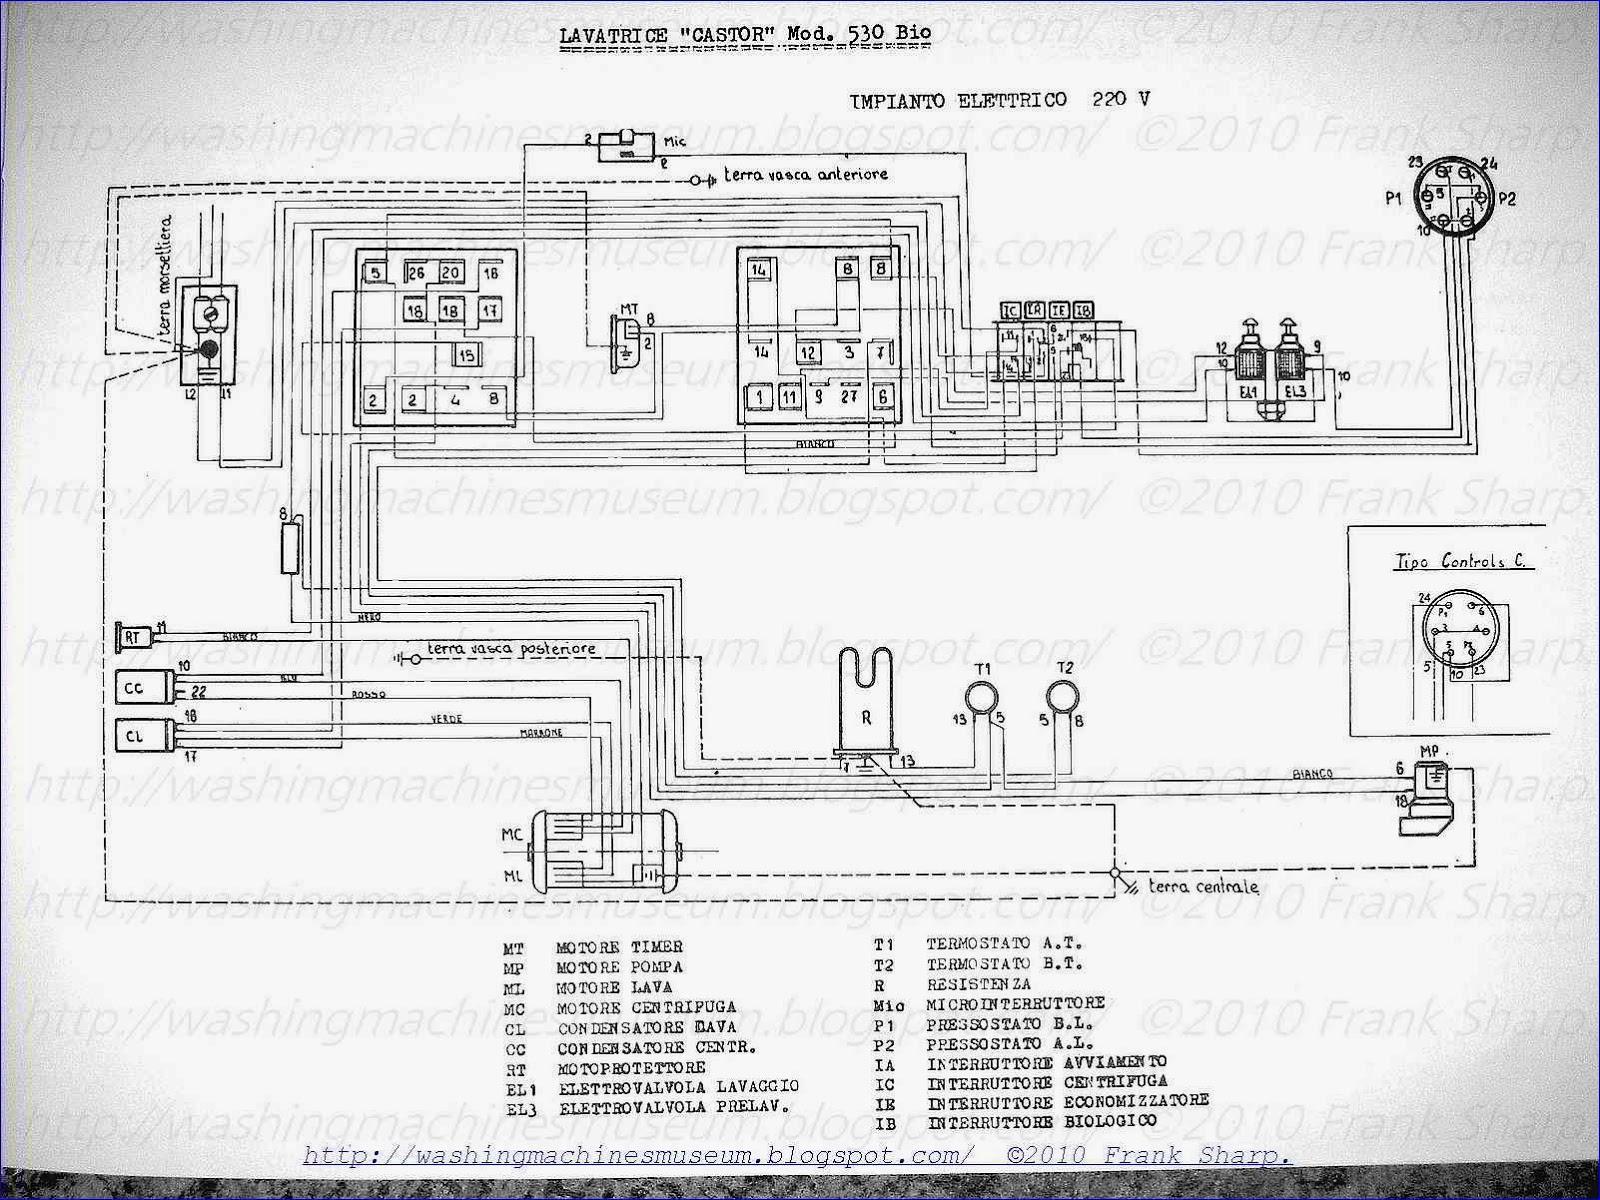 ge dishwasher schematic diagram printable anatomy triton xl wiring best portable